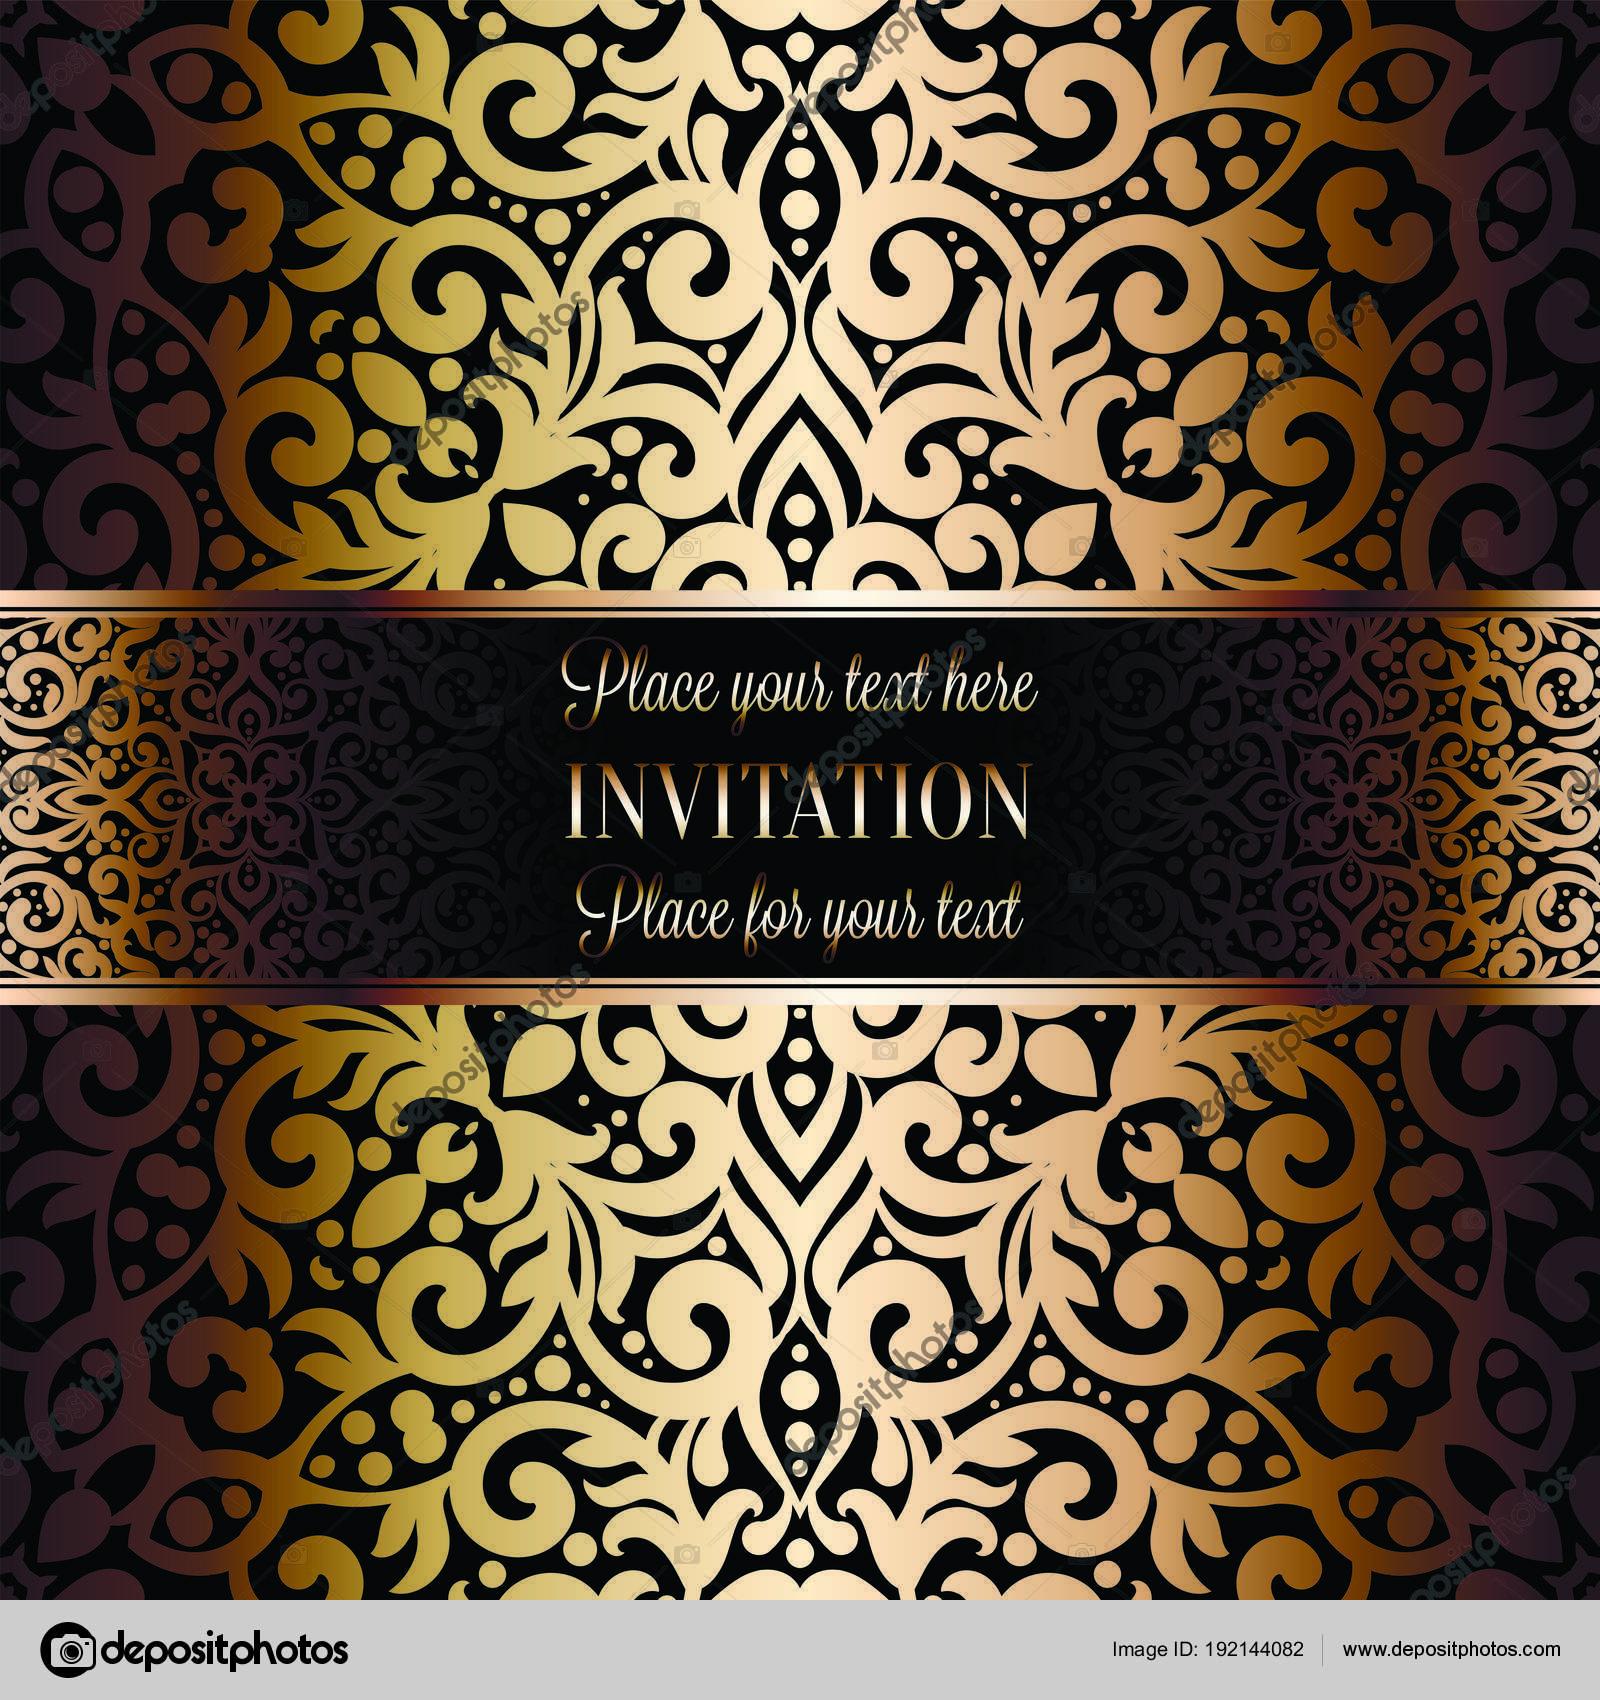 009ba623ae Arany esküvői meghívó sablon Kártyatervező damaszt mintás háttérrel.  Hagyomány dekoráció esküvőre, barokk stílusban– stock illusztrációk